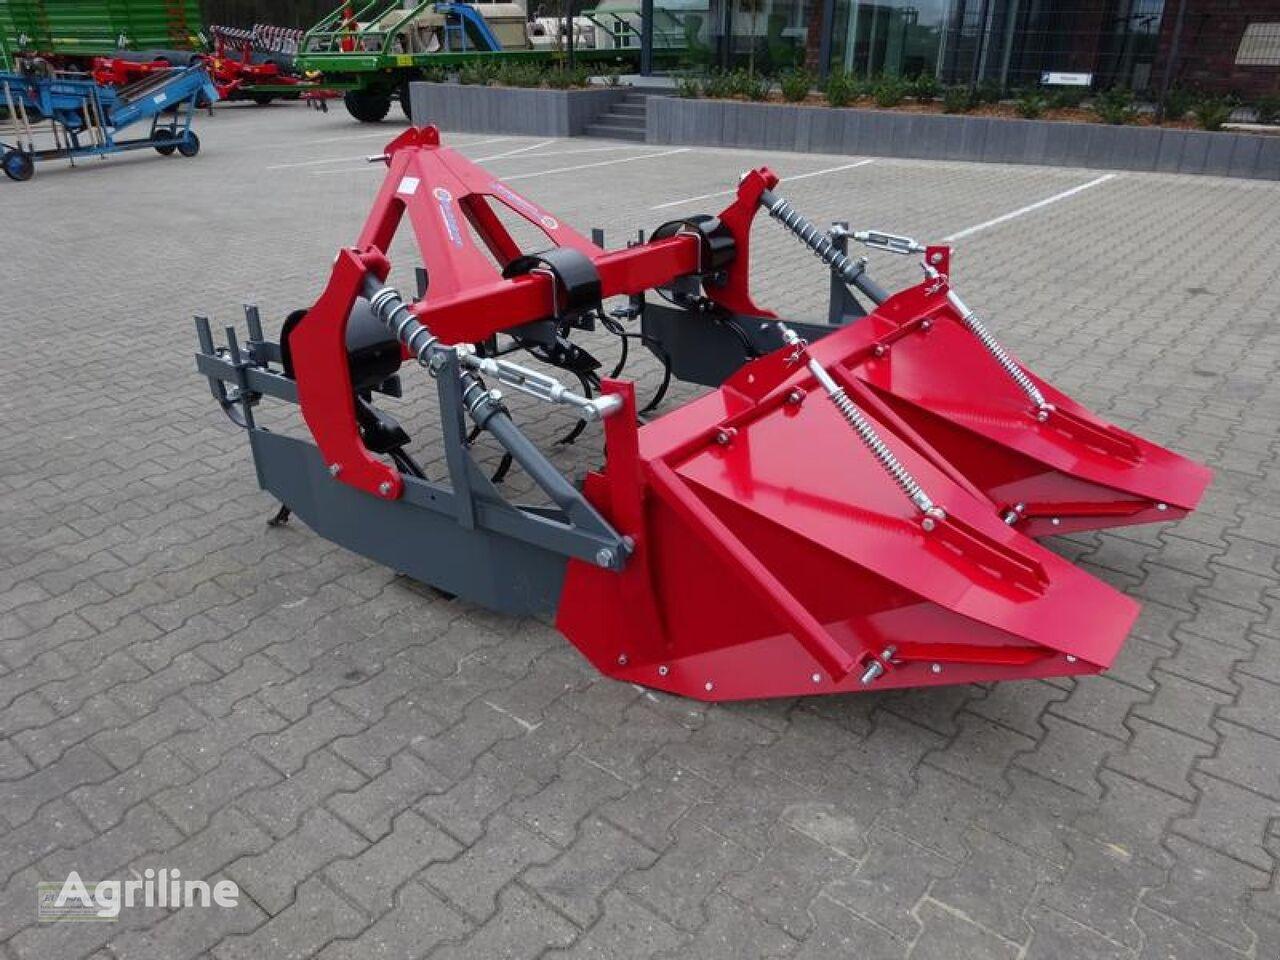 new Häufelgerät, Häufler V 3 D, 2 Reihen, mit Dammformblech bed former